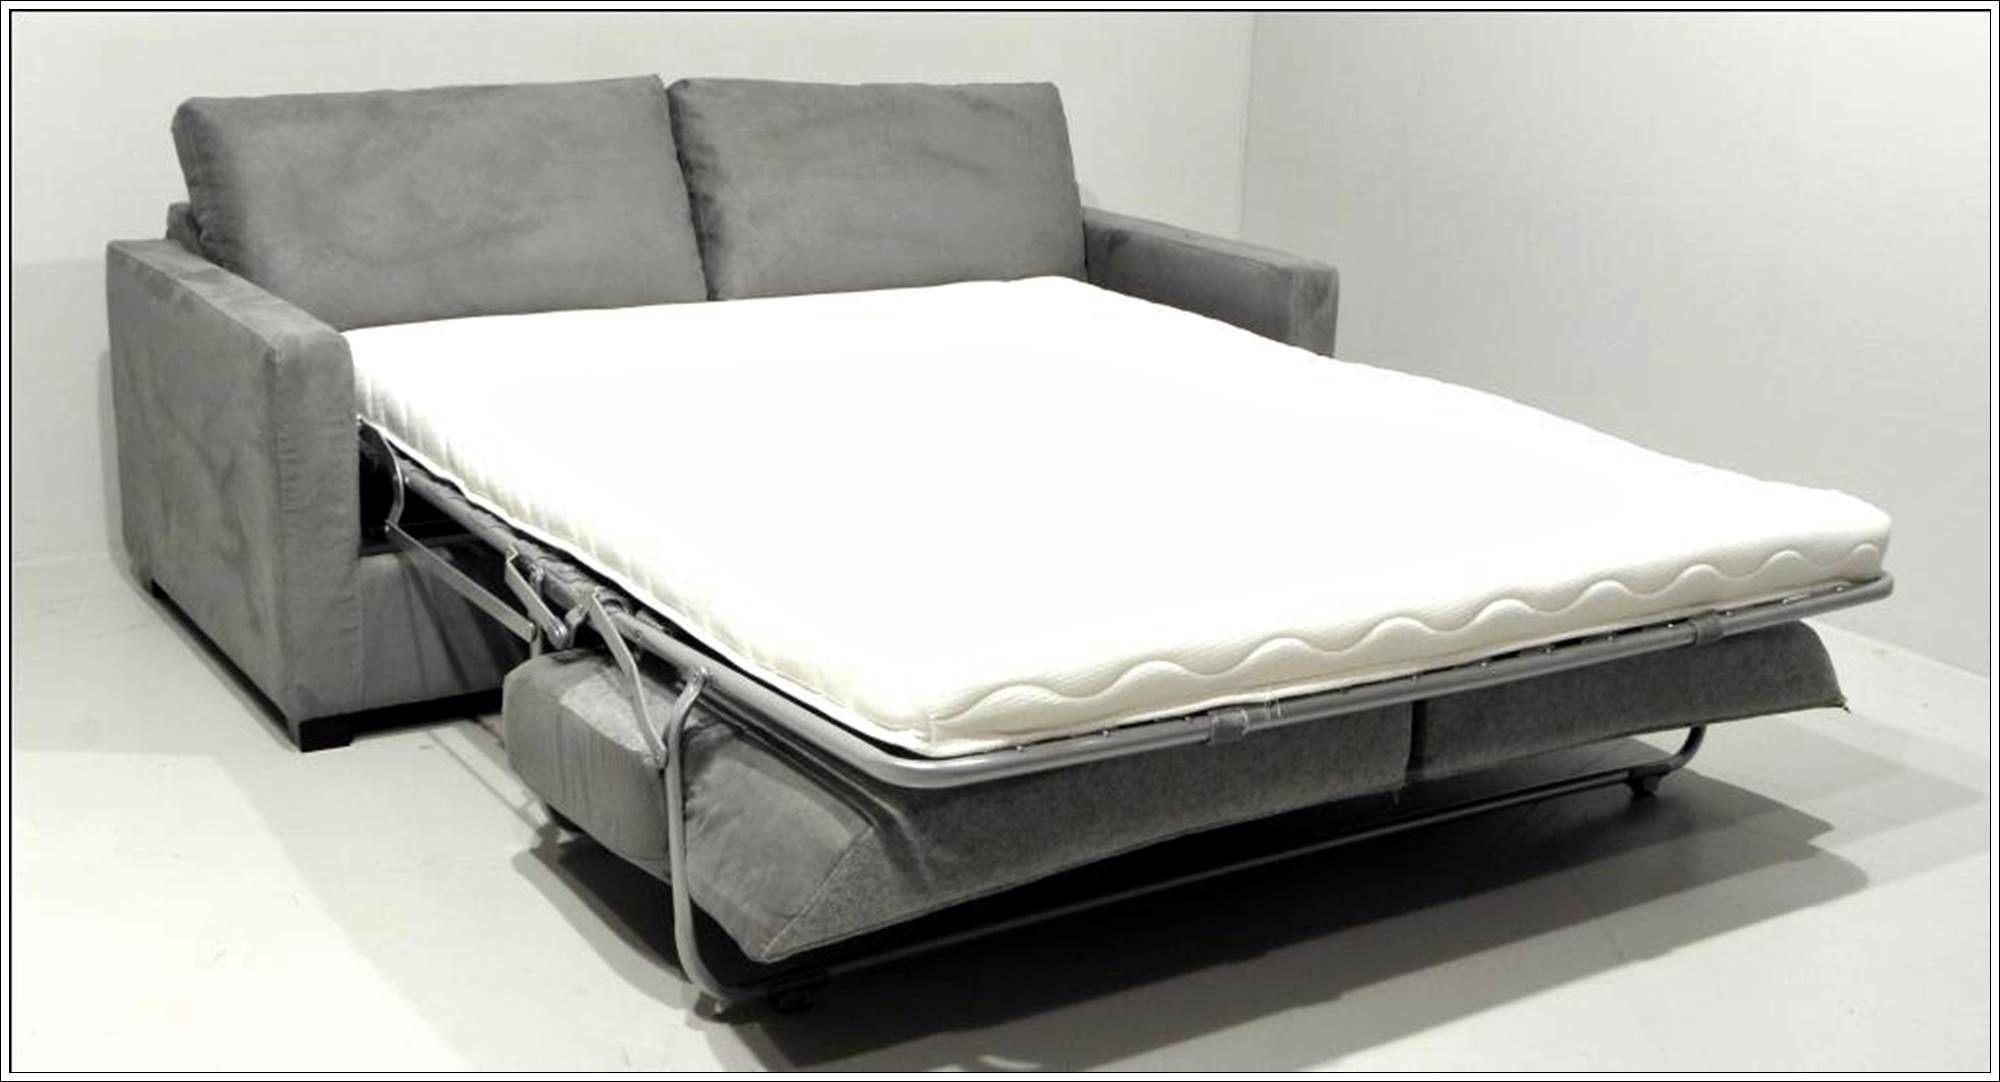 Lit Superposé Avec Matelas Impressionnant Impressionnant Lit Superposé Canapé Dans Luxury Canapé Lit Matelas